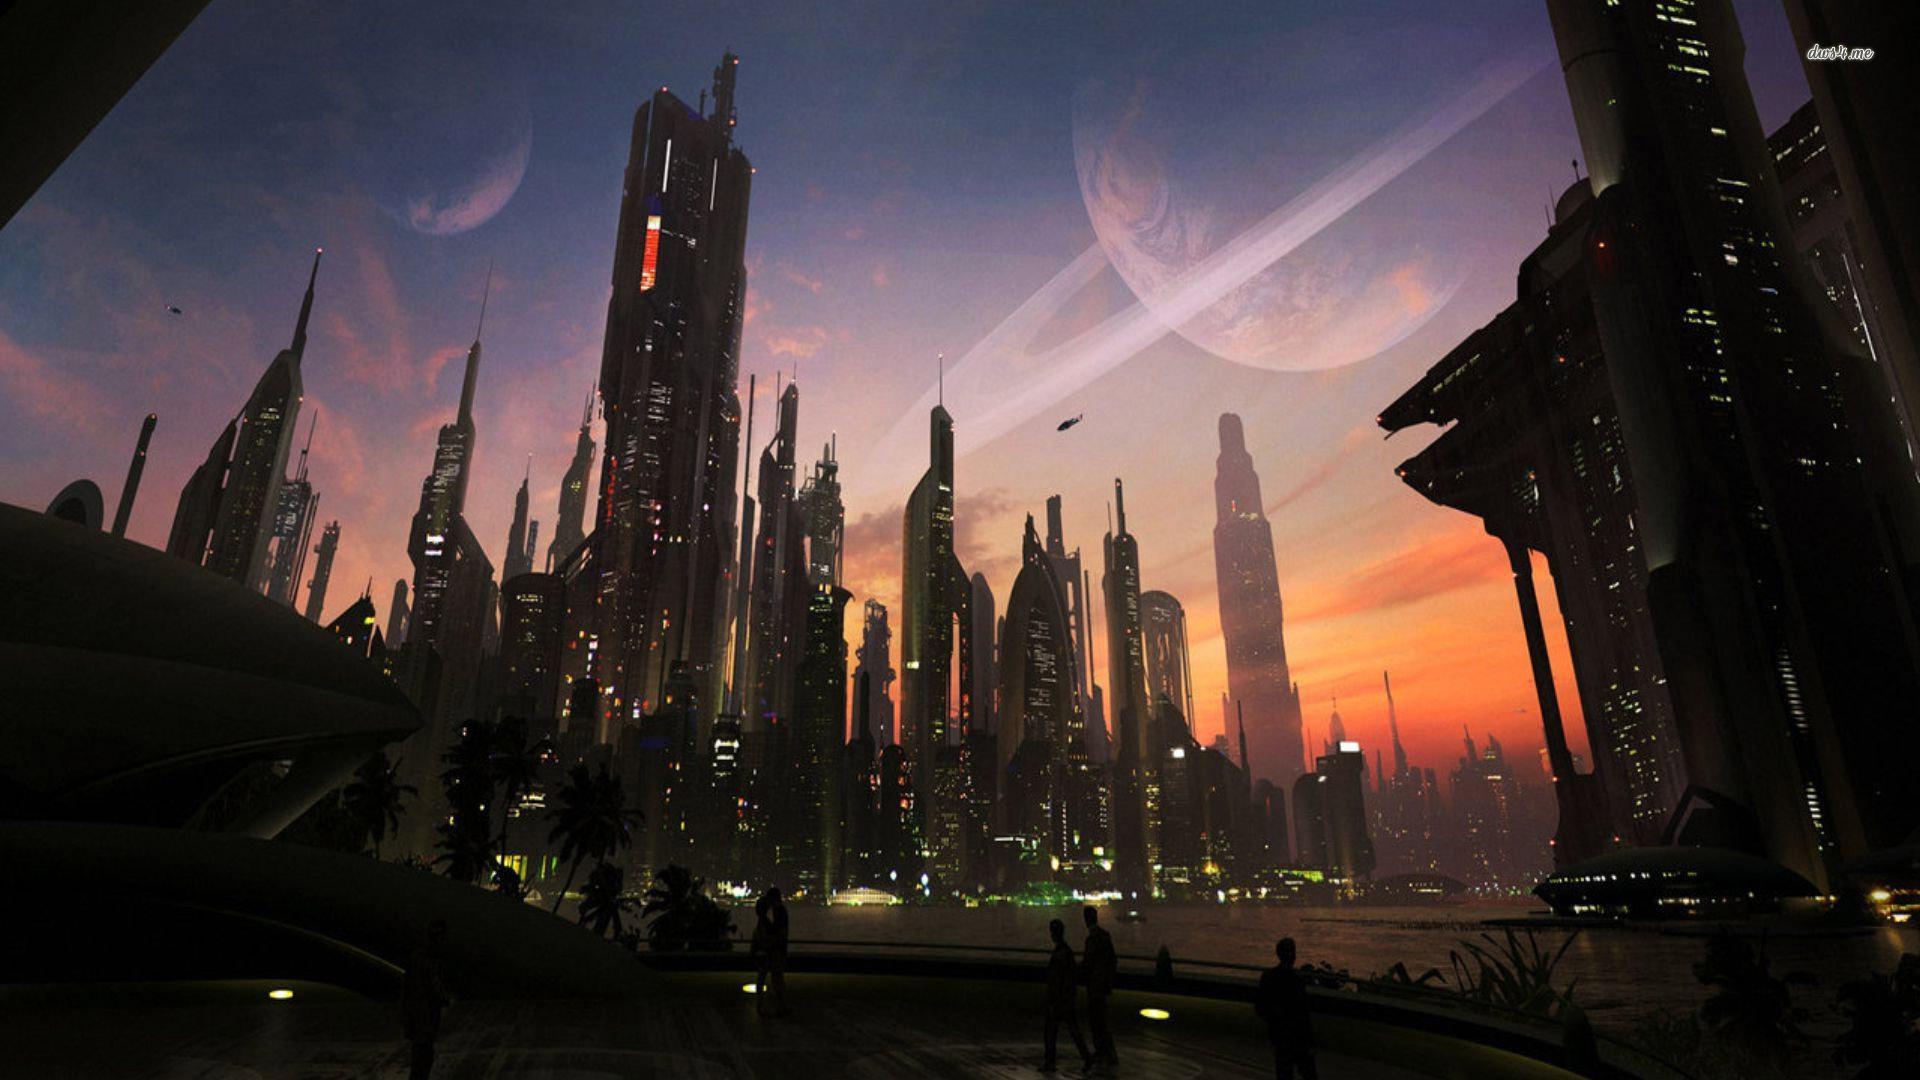 HD Future Cityscape Wallpaper